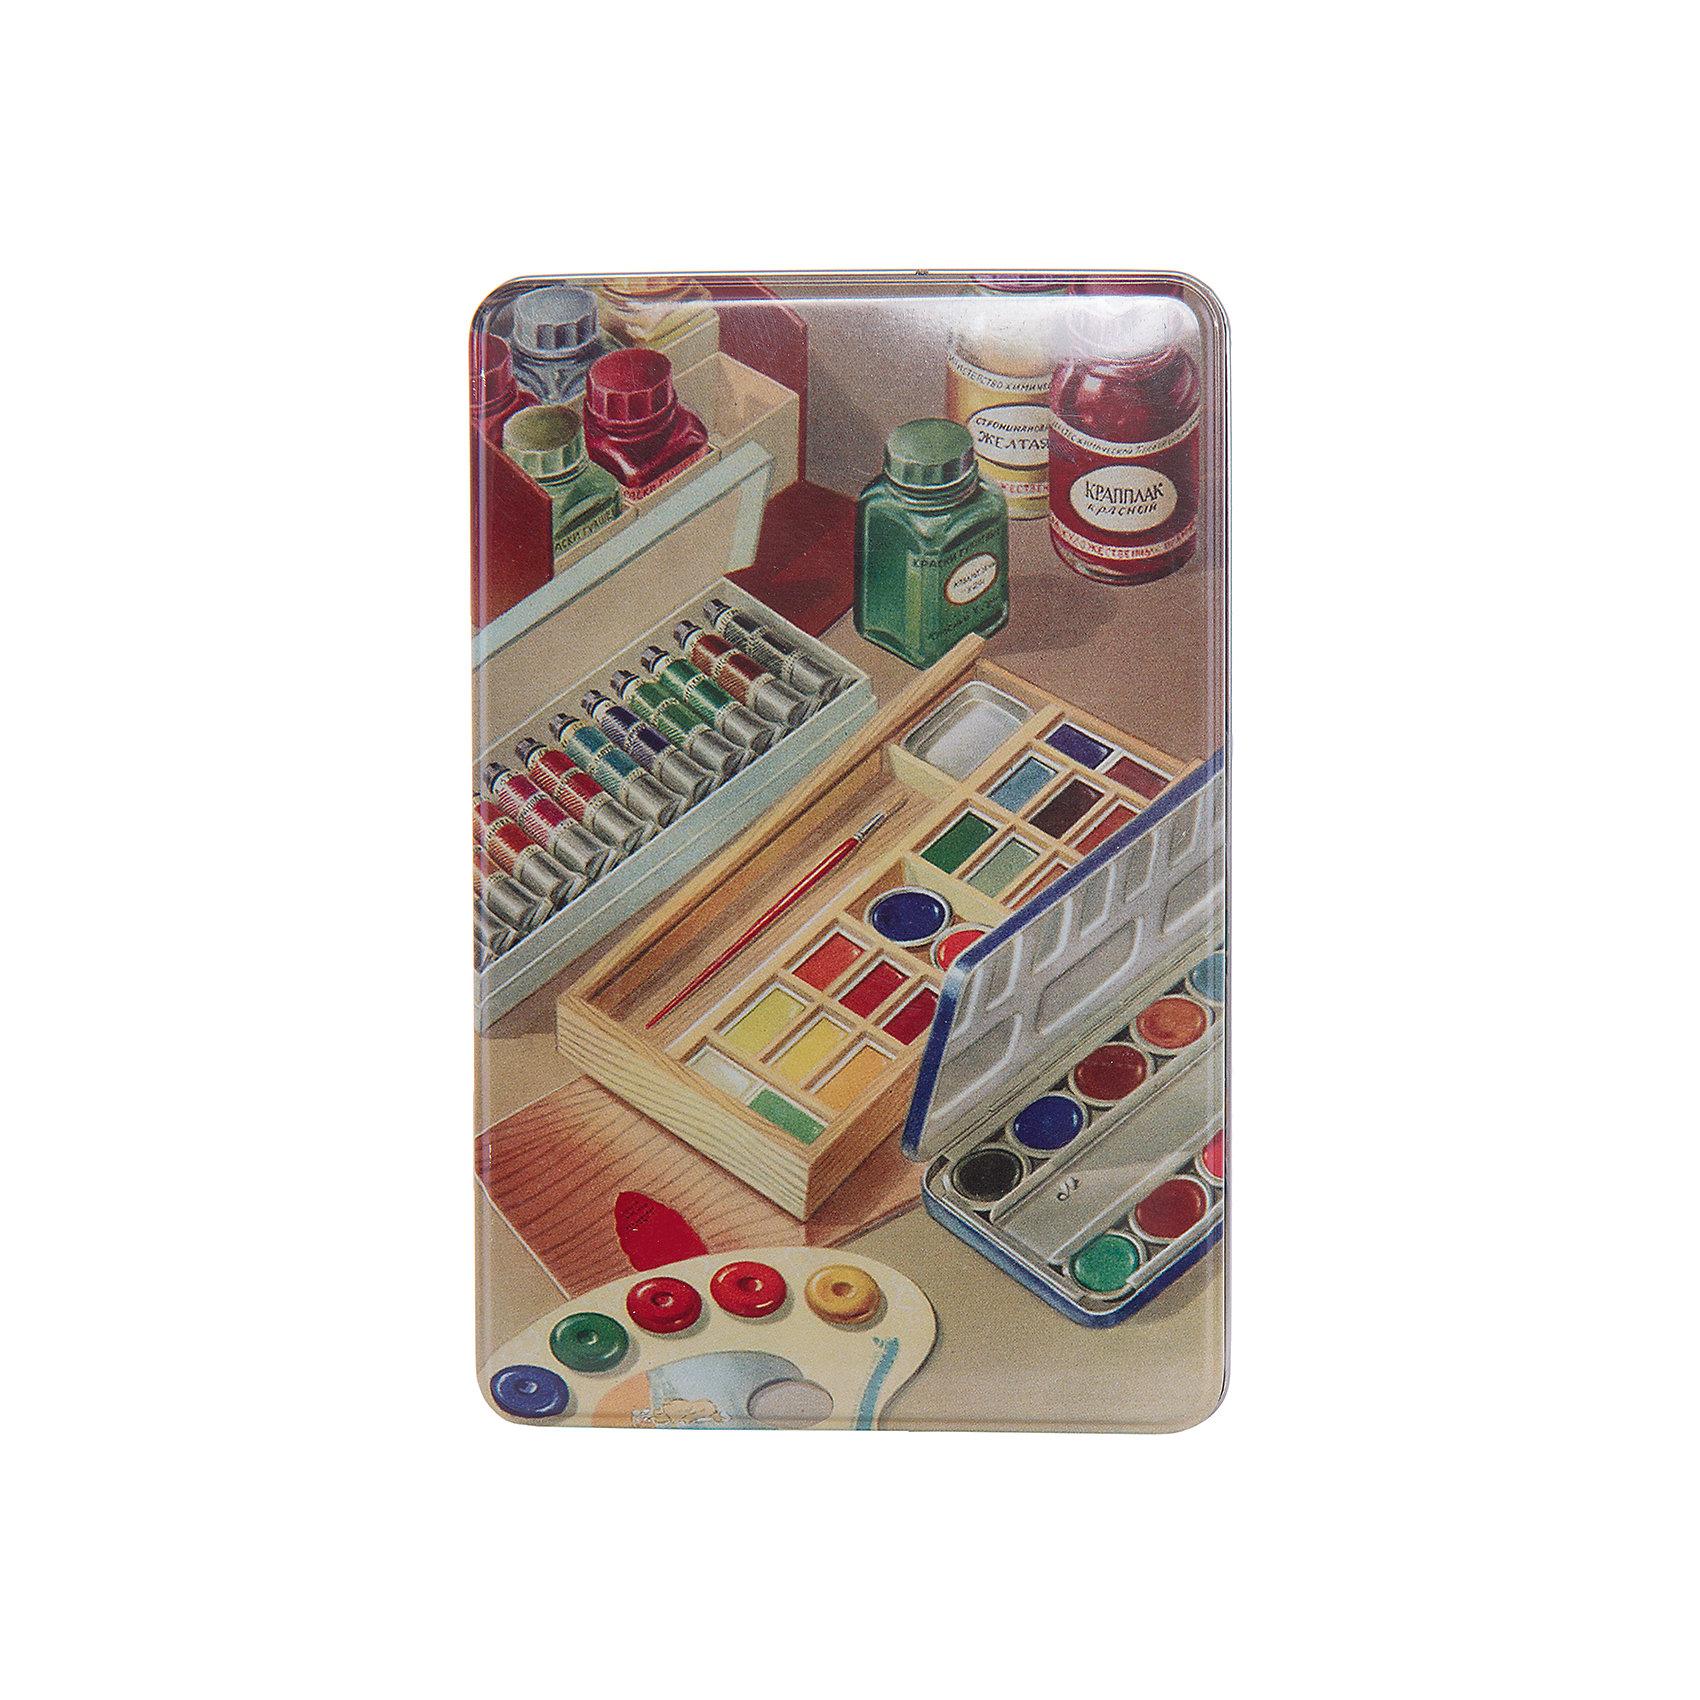 Коробка для бытовых нужд Краски 1700млКраски - металлическая коробка для бытовых нужд, в которую прекрасно поместятся  небольшие предметы для дома. Коробка закрывается крышкой и декорирована  рисунком с изображением различных красок. С такой коробкой приятно будет добавить немного ретро в свой дом.<br><br>Дополнительная информация:<br>Материал: металл<br>Размер: 20х7 см<br>Объем: 1700 мл<br>Коробку для бытовых нужд Краски вы можете приобрести в нашем интернет-магазине.<br><br>Ширина мм: 420<br>Глубина мм: 430<br>Высота мм: 550<br>Вес г: 184<br>Возраст от месяцев: 84<br>Возраст до месяцев: 216<br>Пол: Унисекс<br>Возраст: Детский<br>SKU: 4957999